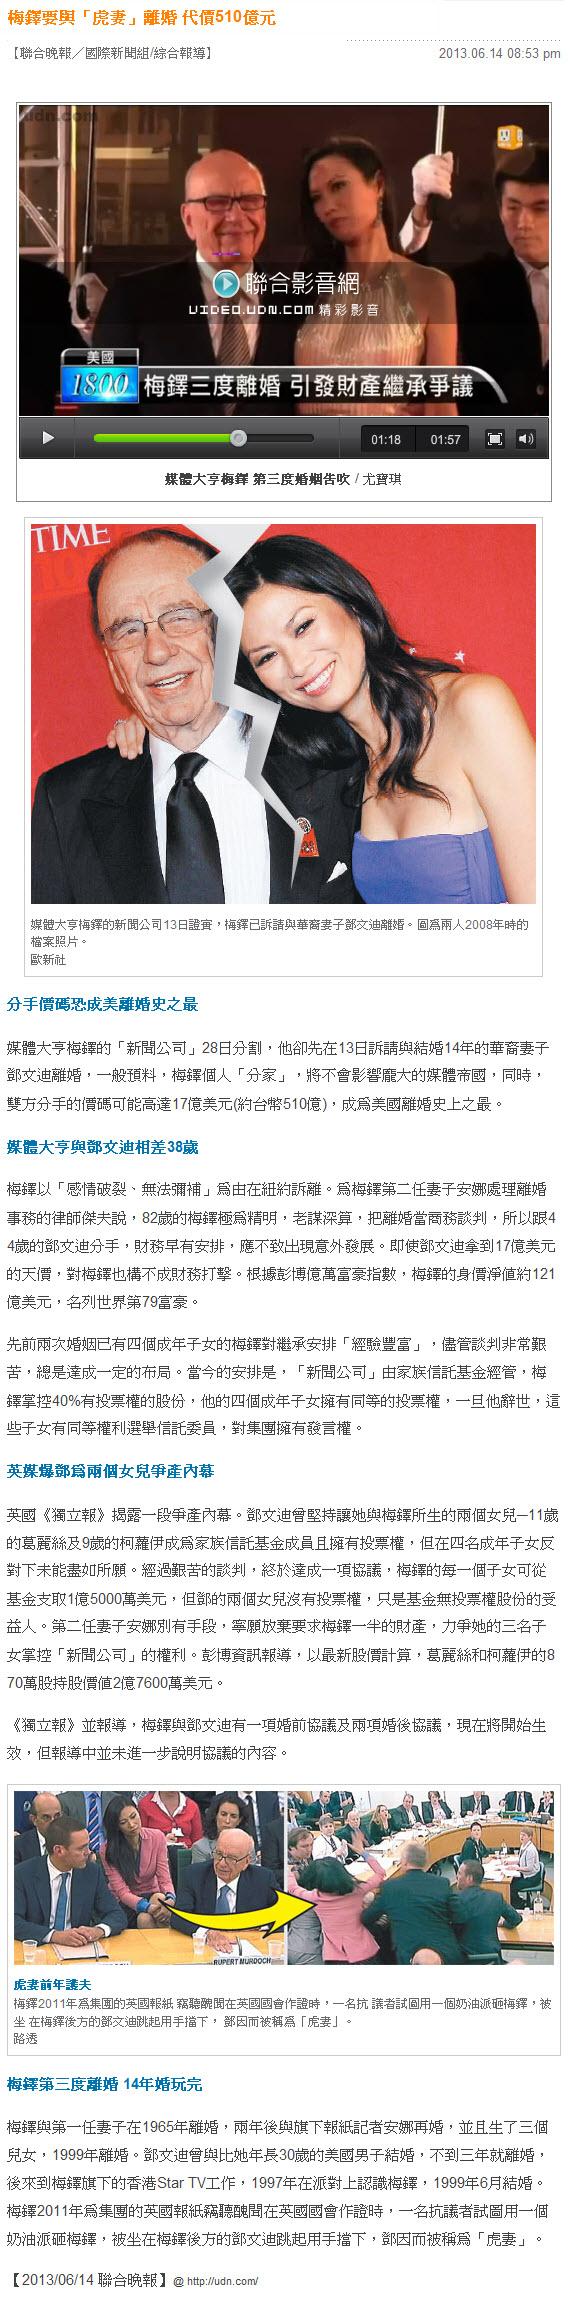 梅鐸要與「虎妻」離婚 代價510億元-2013.06.15